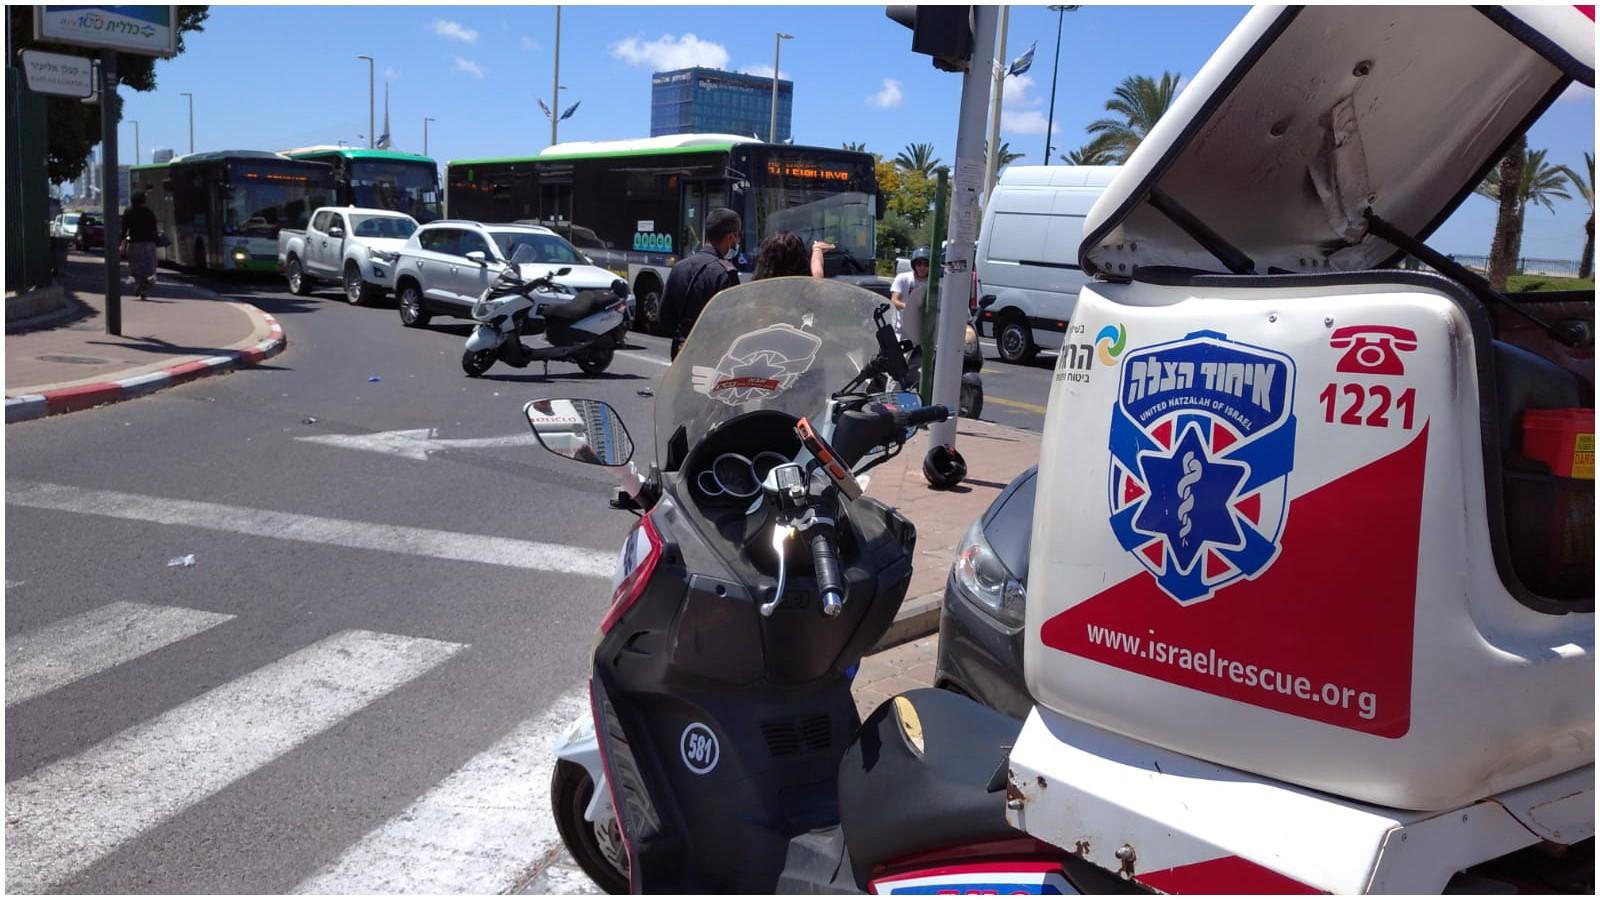 תאונת דרכים ברחוב ז'בוטינסקי פינת קפלן. צילום דוברות איחוד הצלה